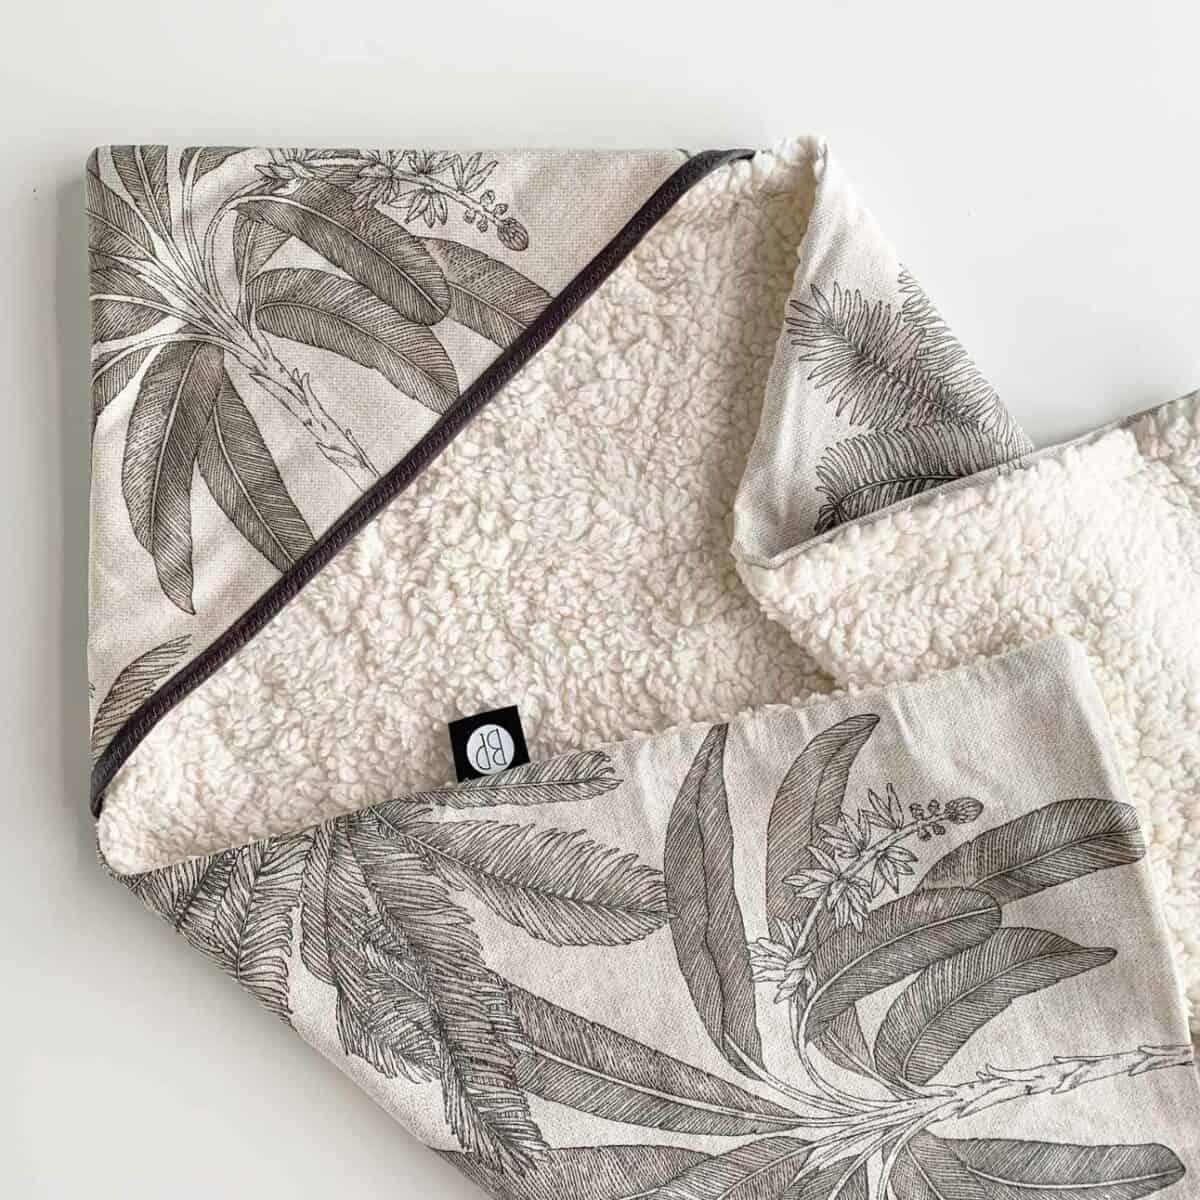 Wikkeldoek teddy ecru met palmboom print